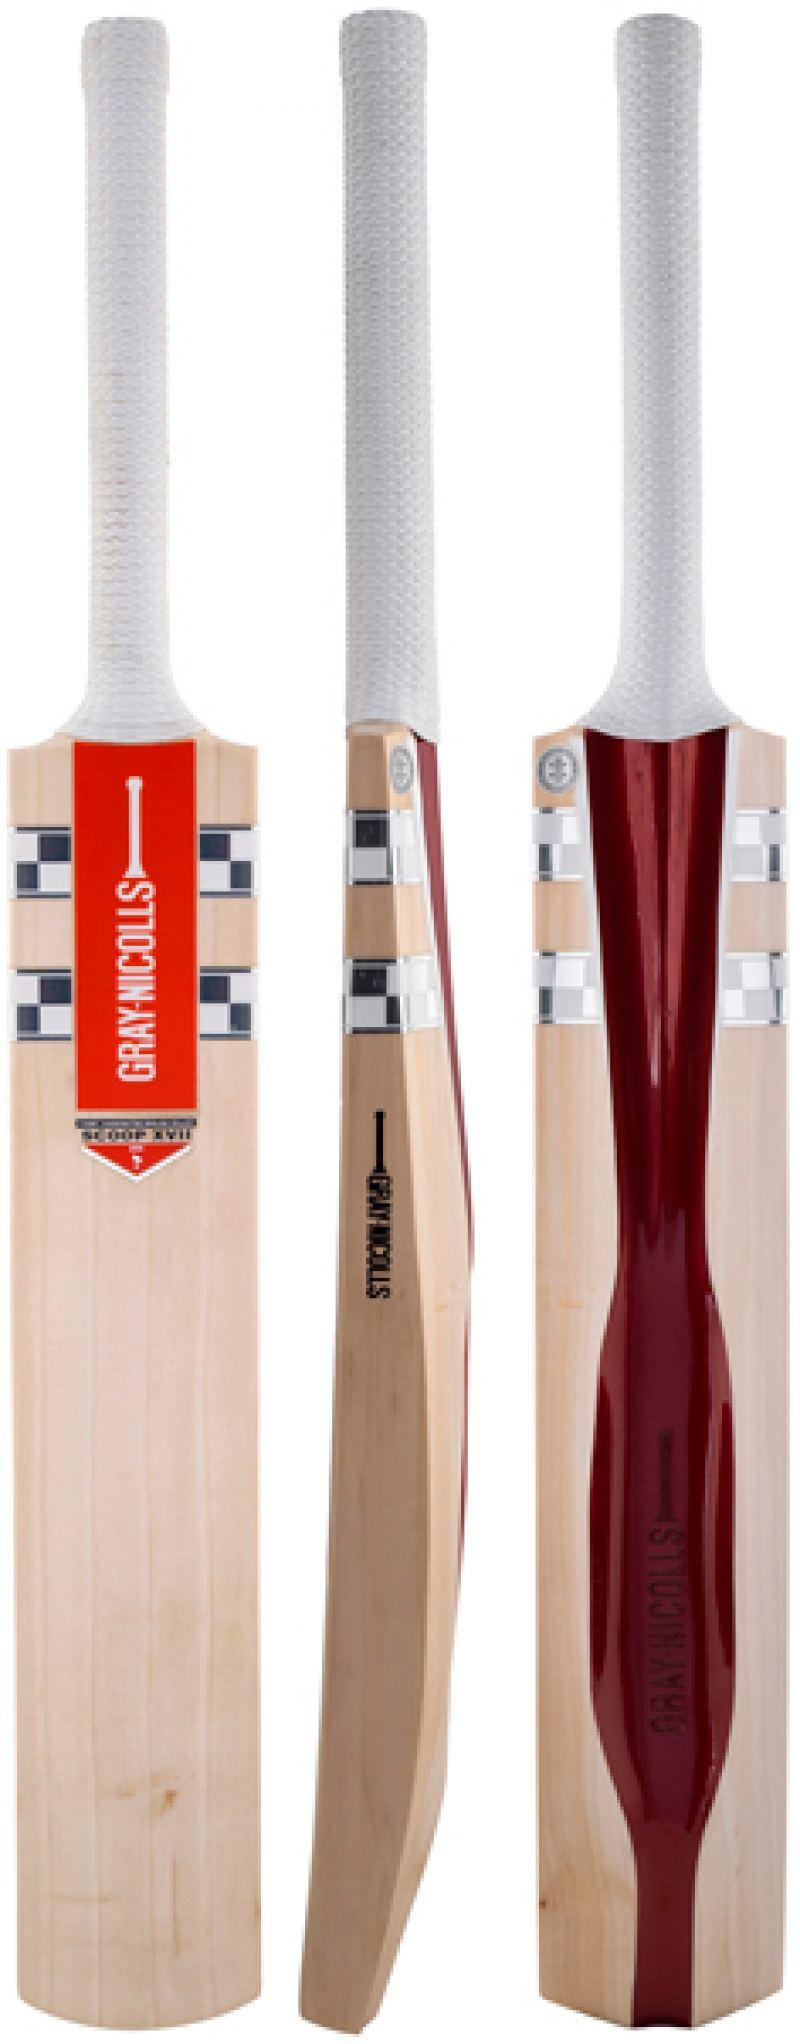 Gray Nicolls Scoop XVII 1000 Cricket Bat